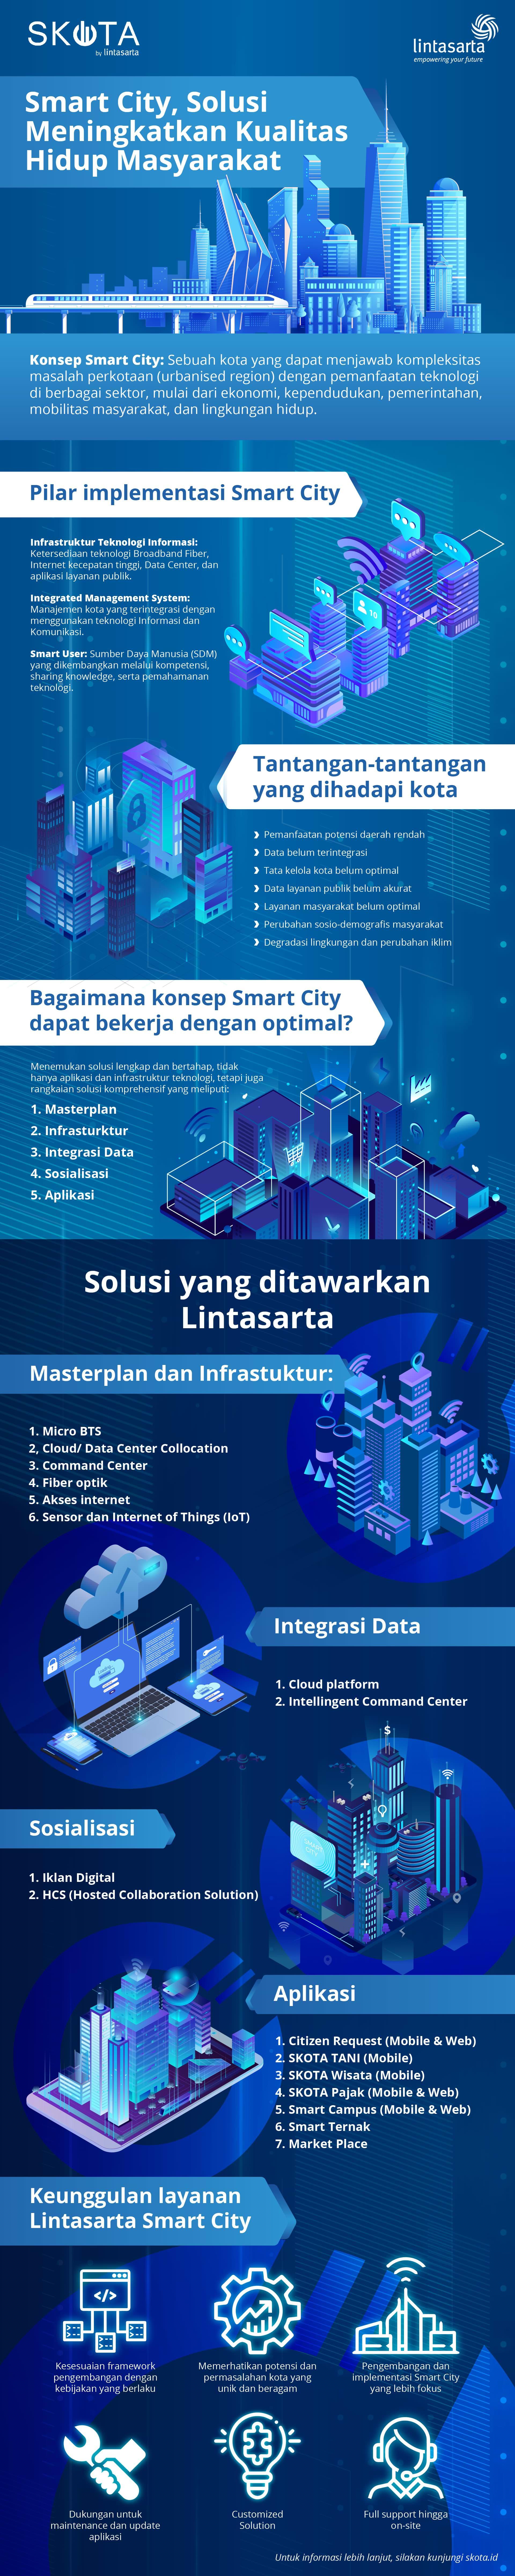 Infografis-3-alt-01-4-2